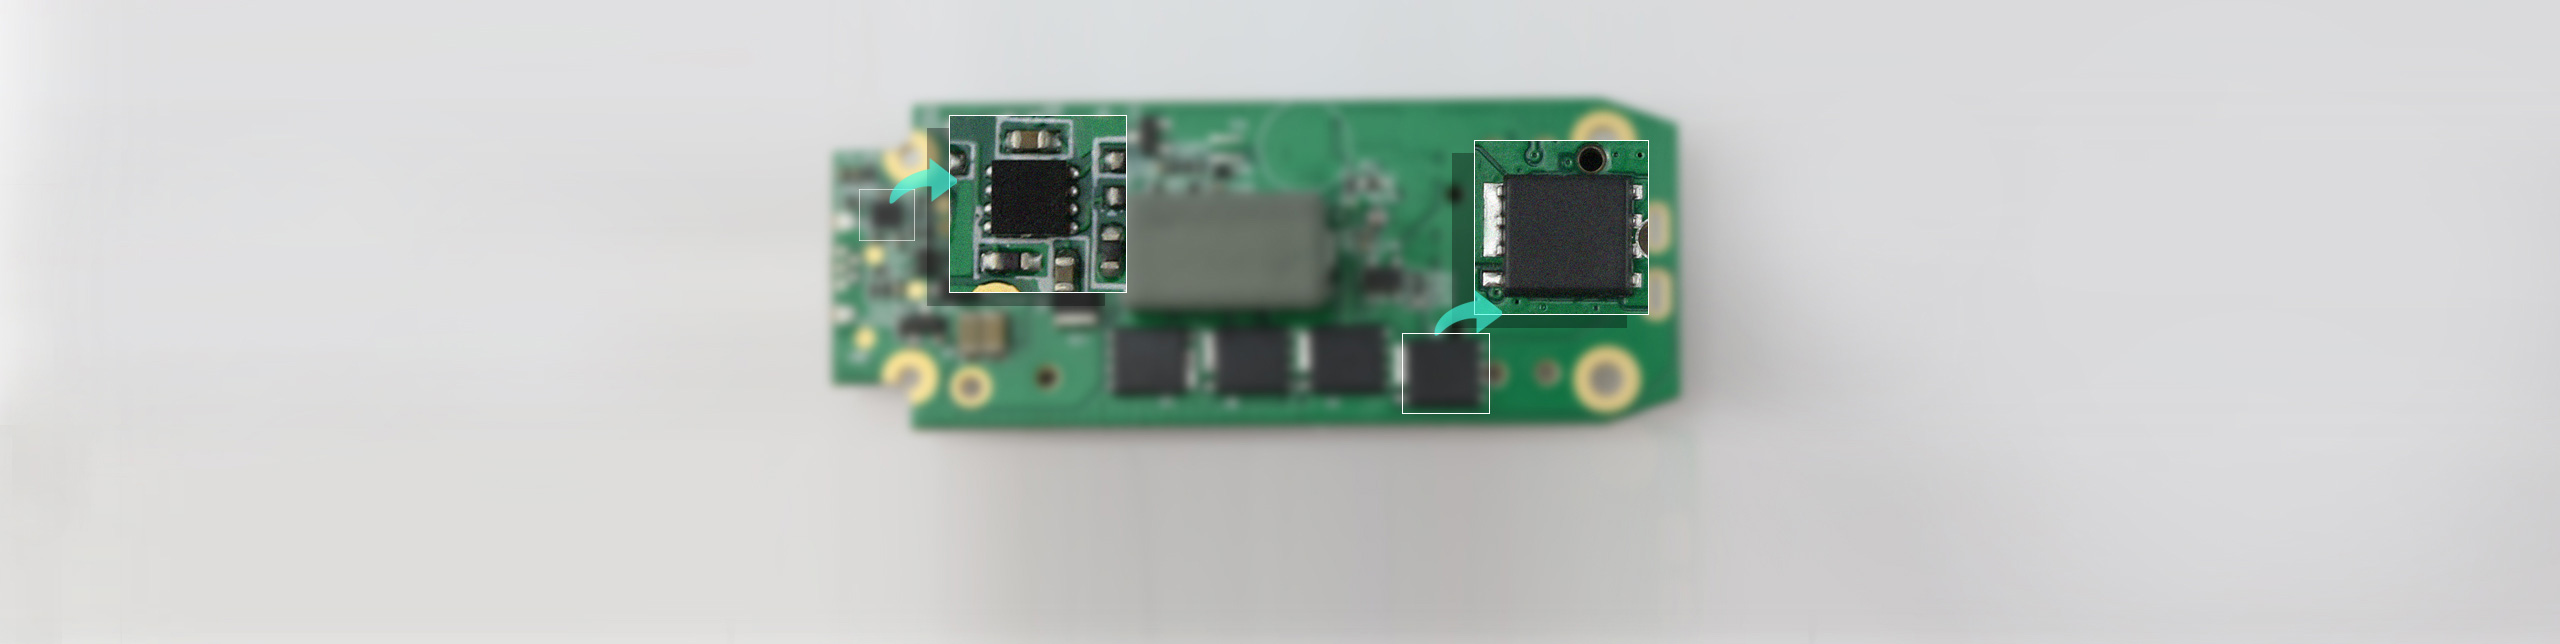 Reuleaux RX GEN3 Dual WISMEC